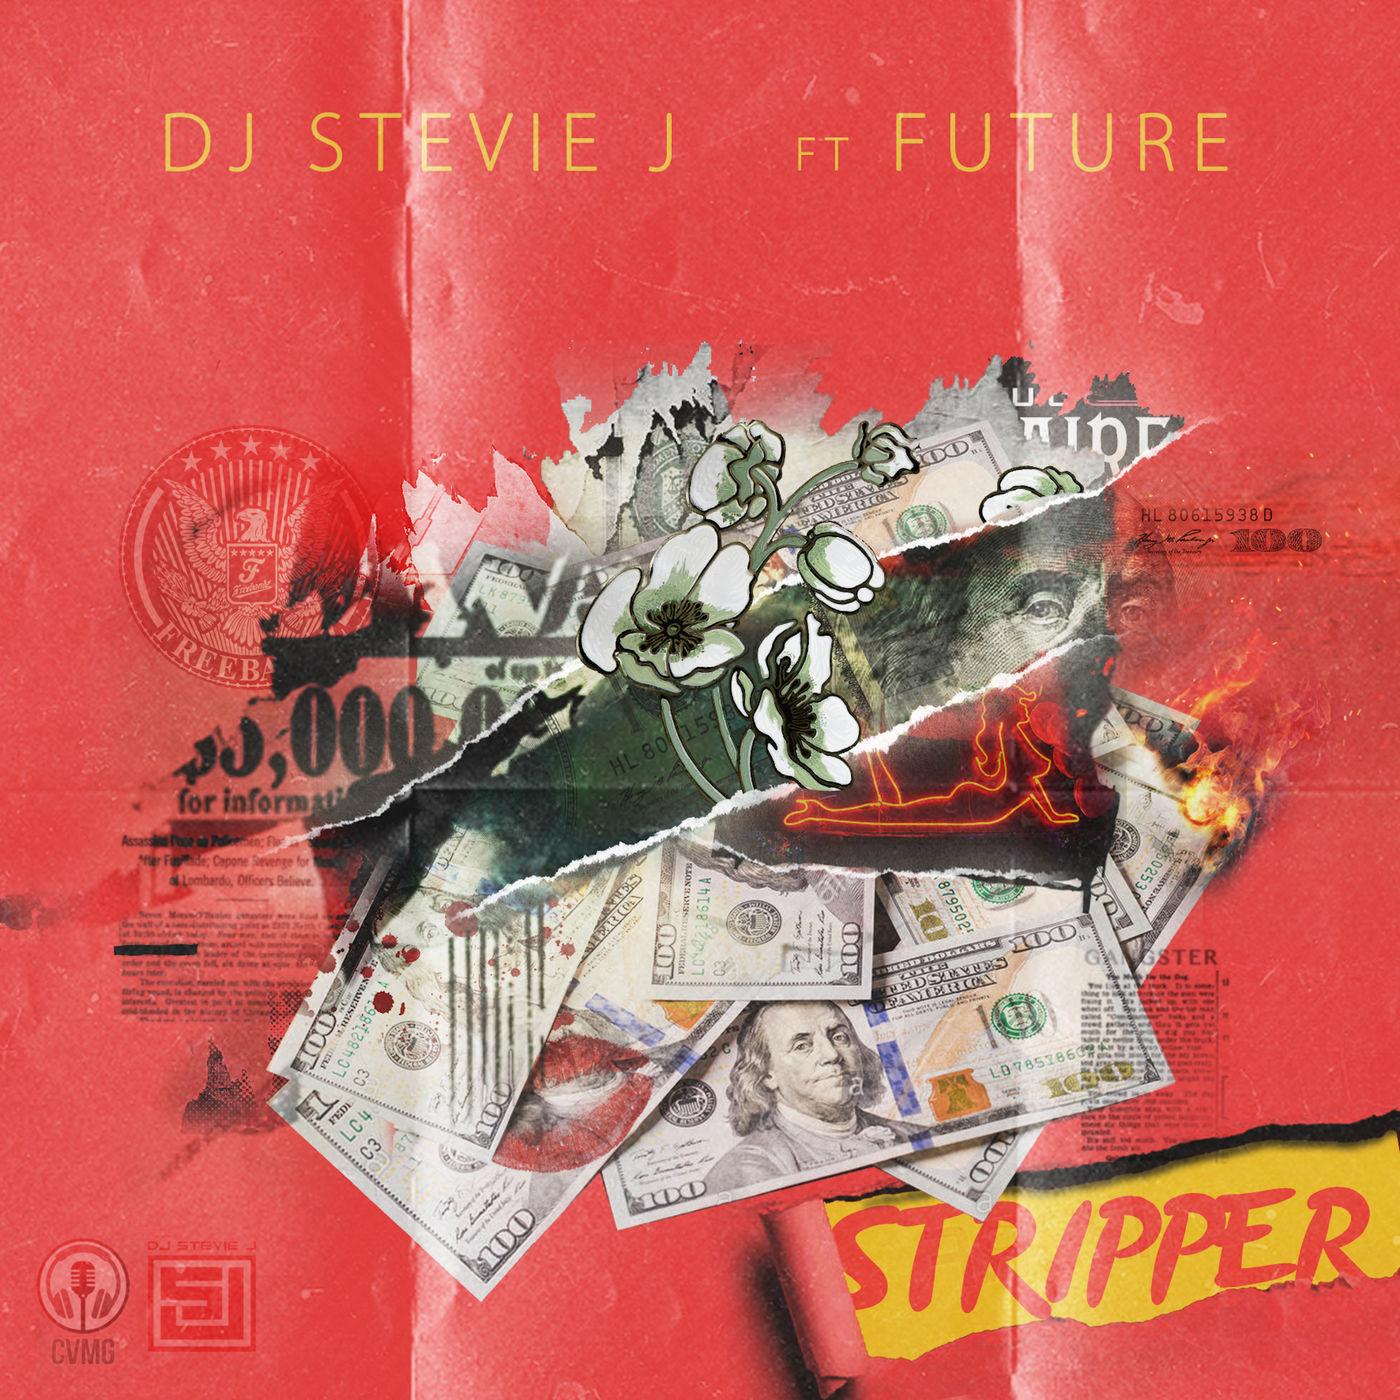 1400x1400bb 97 - DJ Stevie J, Future – Stripper